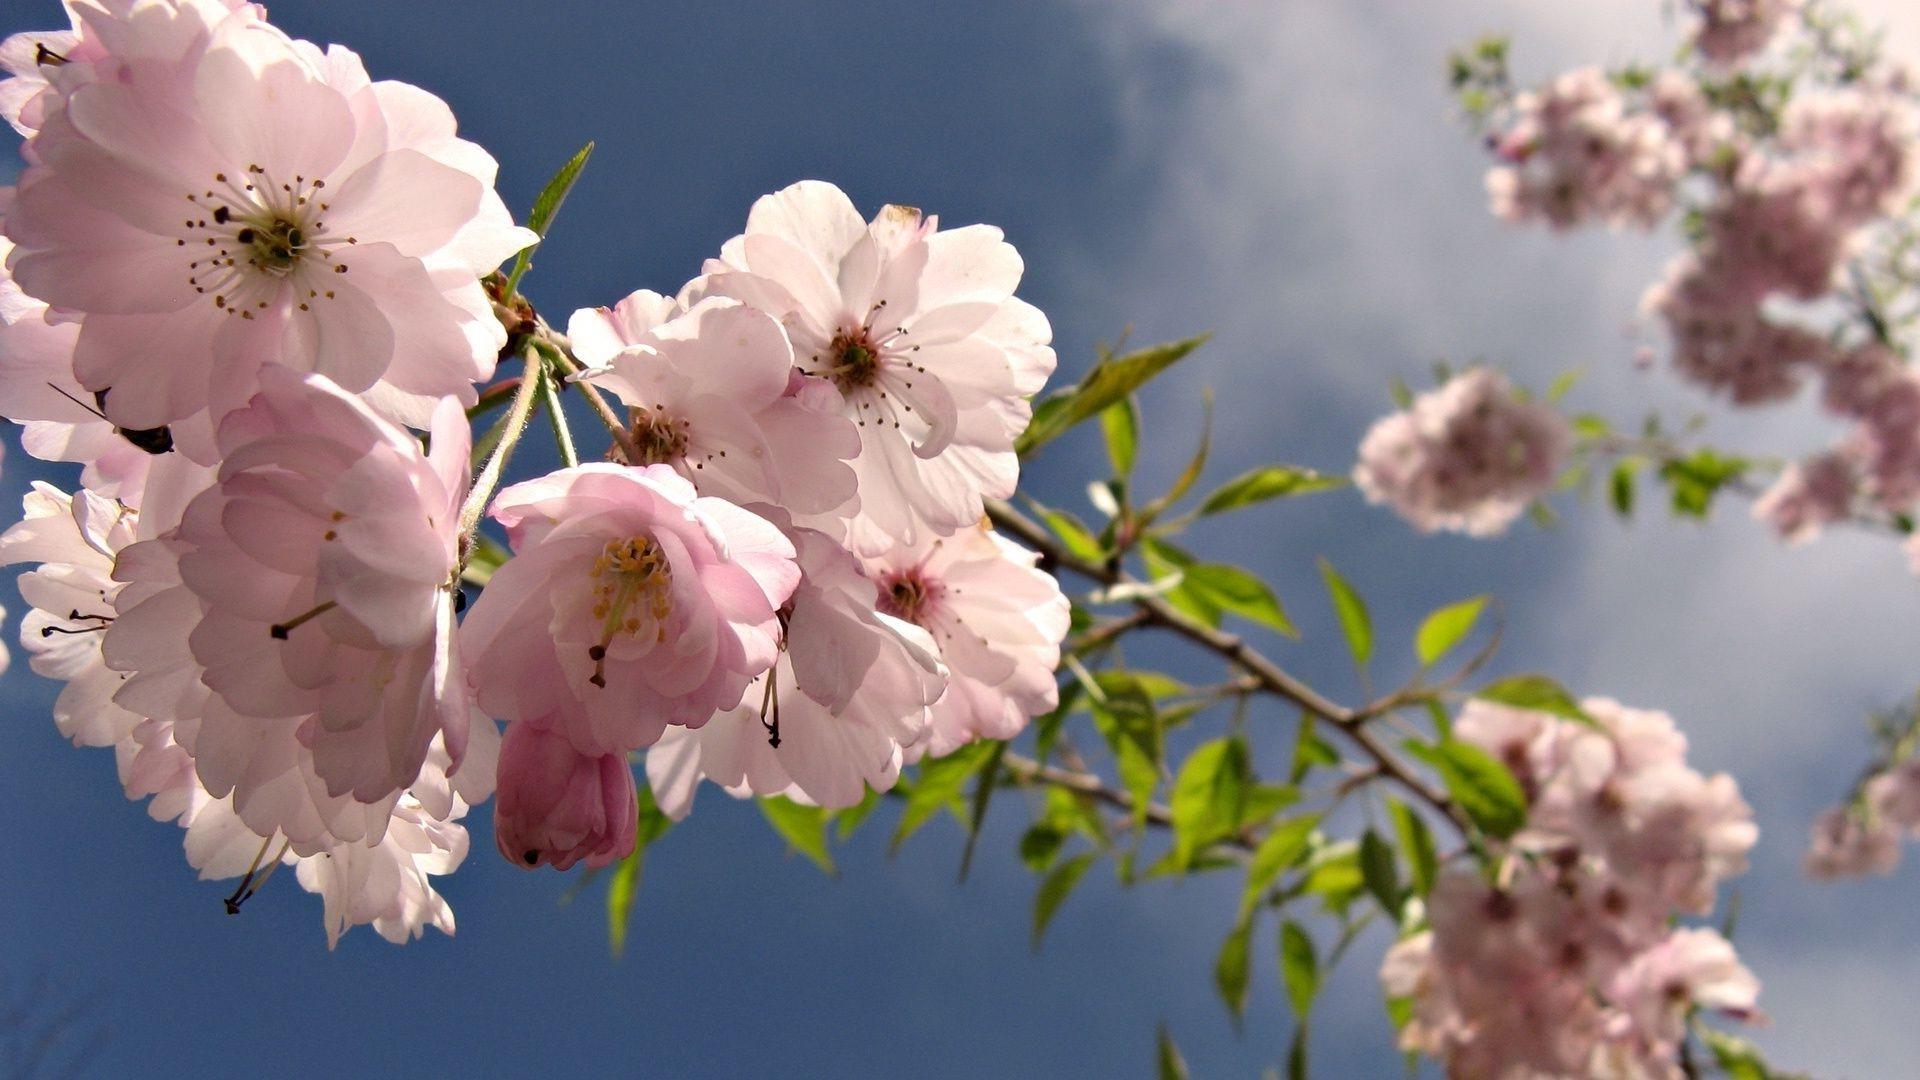 чему весна май фото на рабочий стол организациях ип